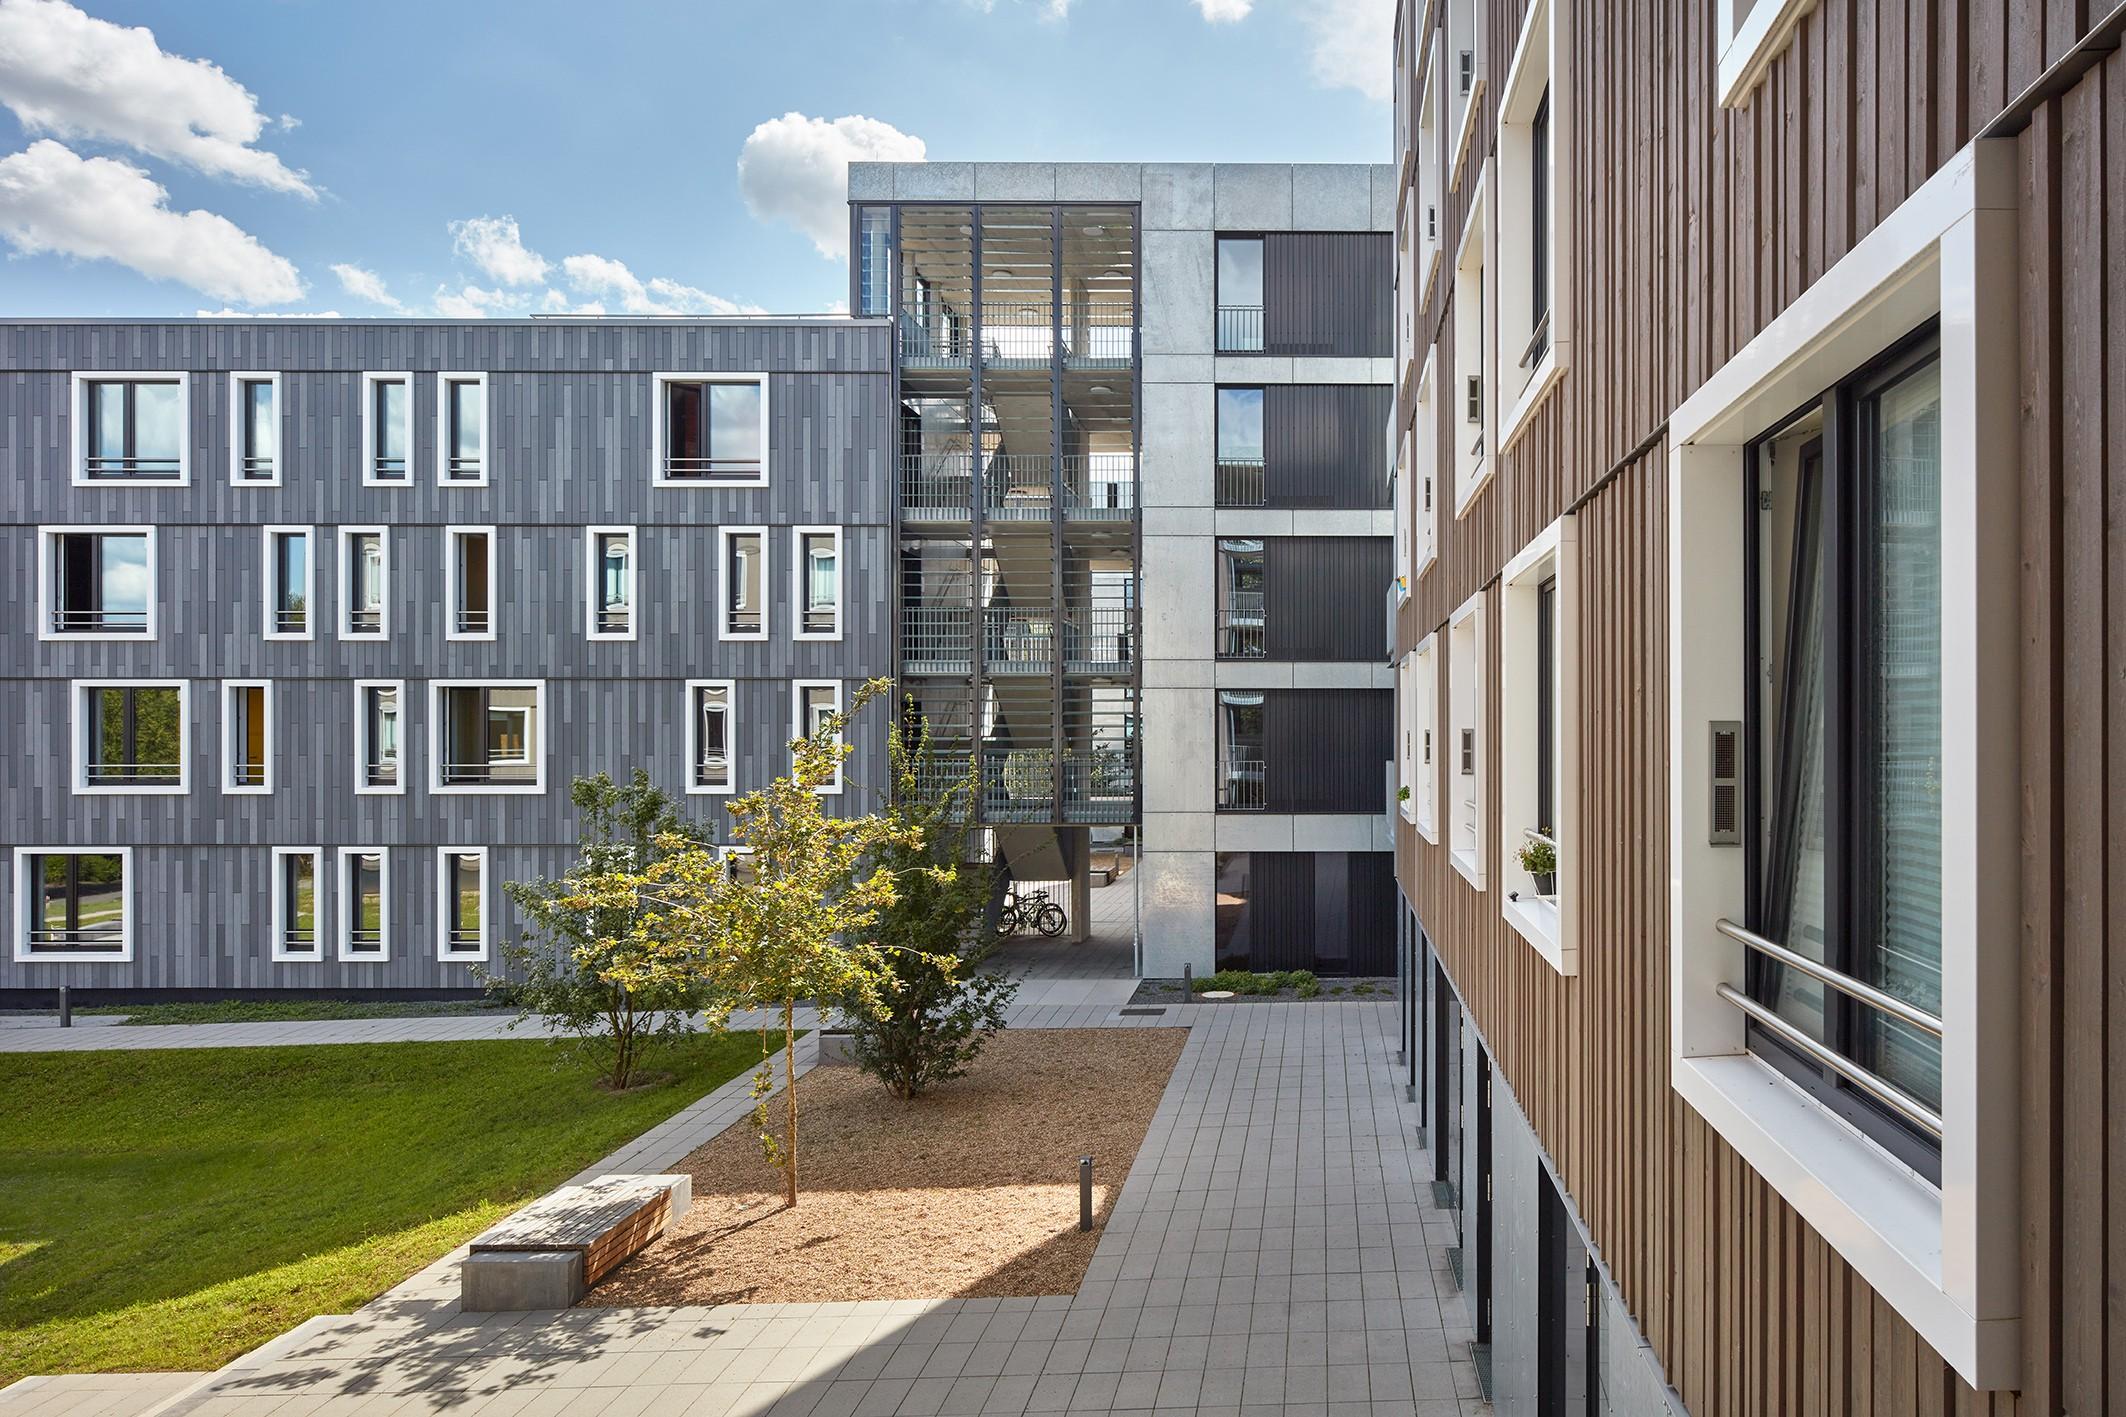 Holzhybridbau: 258 neue Wohnplätze im Passivhausstandard - Variowohnen Bochum